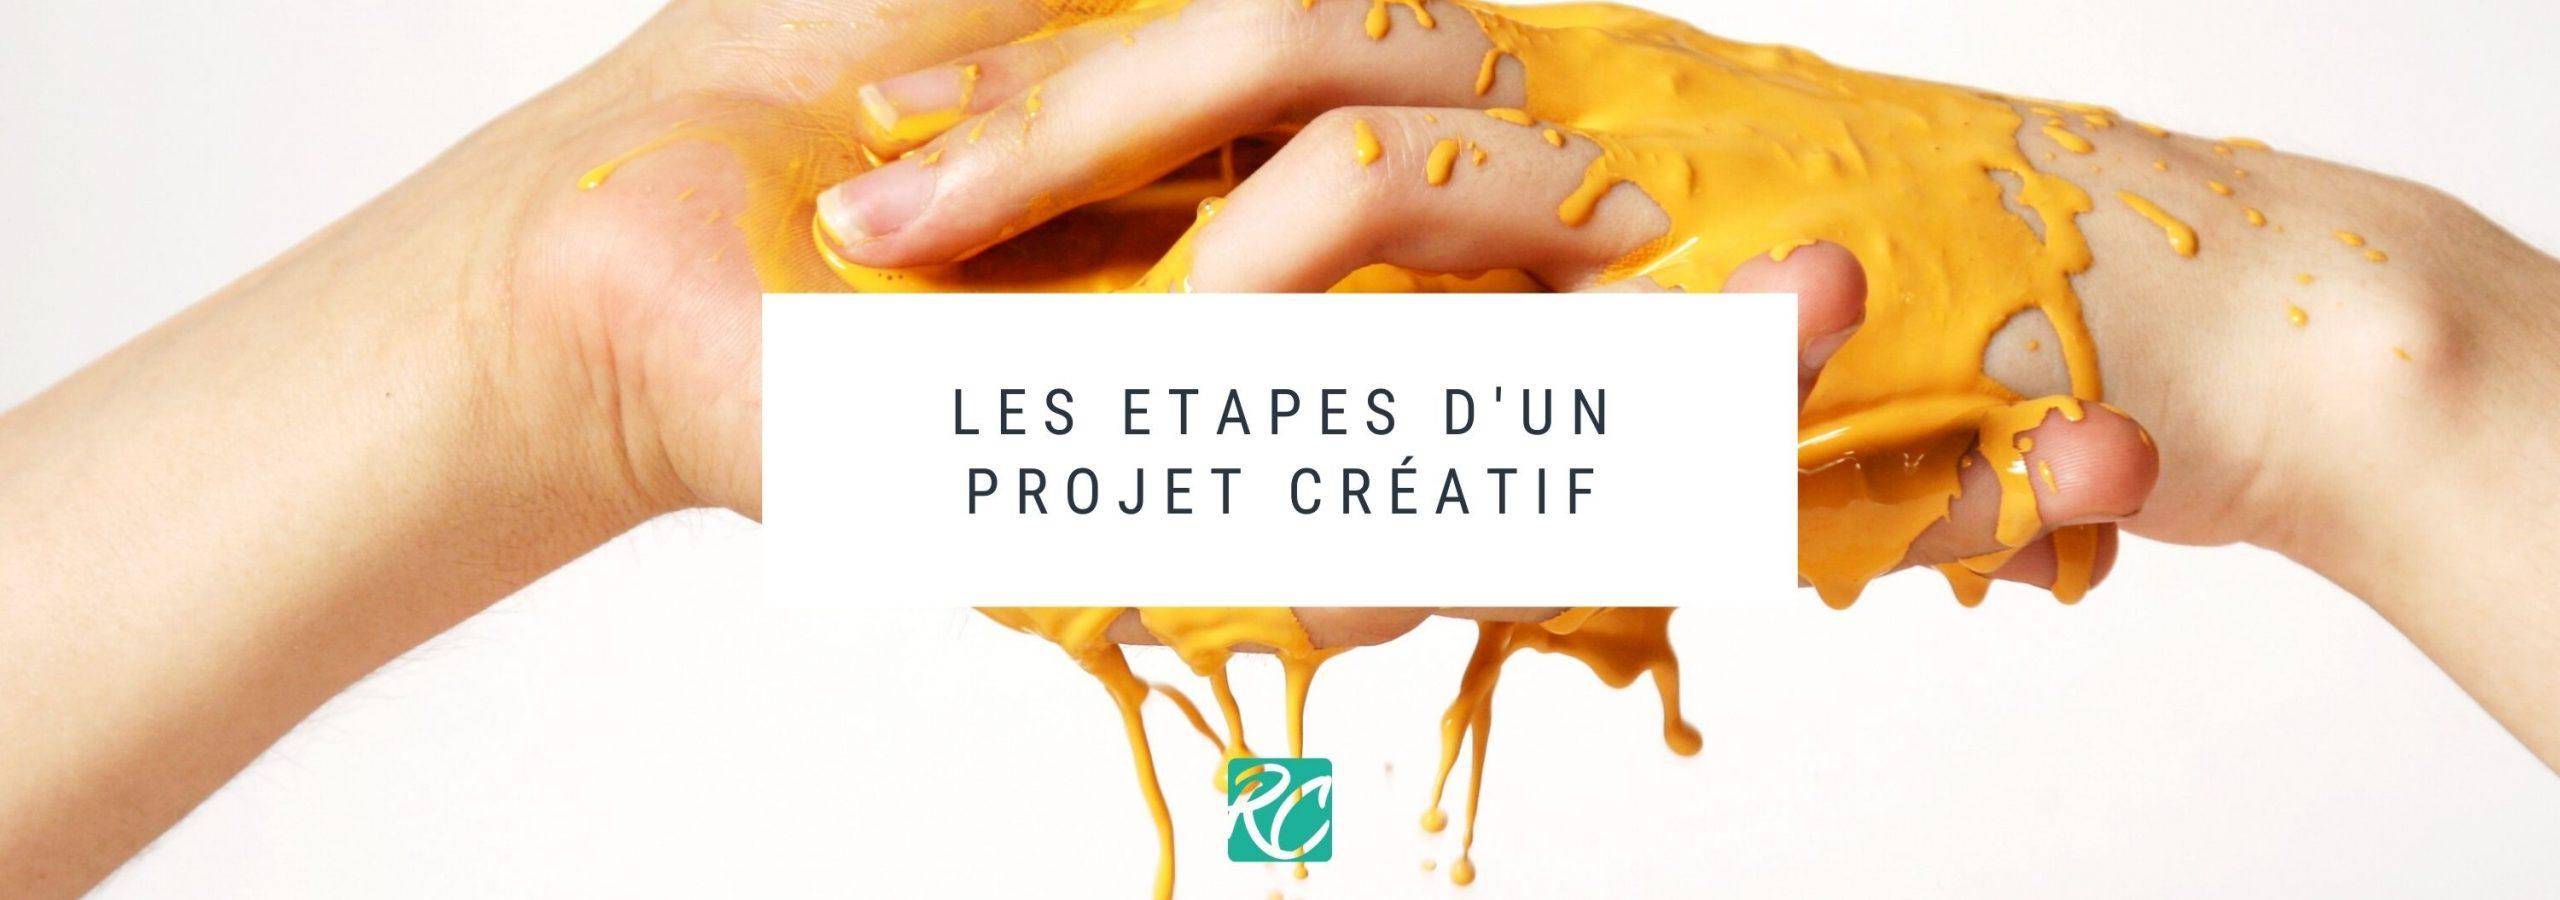 Les étapes d'un projet créatif - Article by Roxane Chan Pao